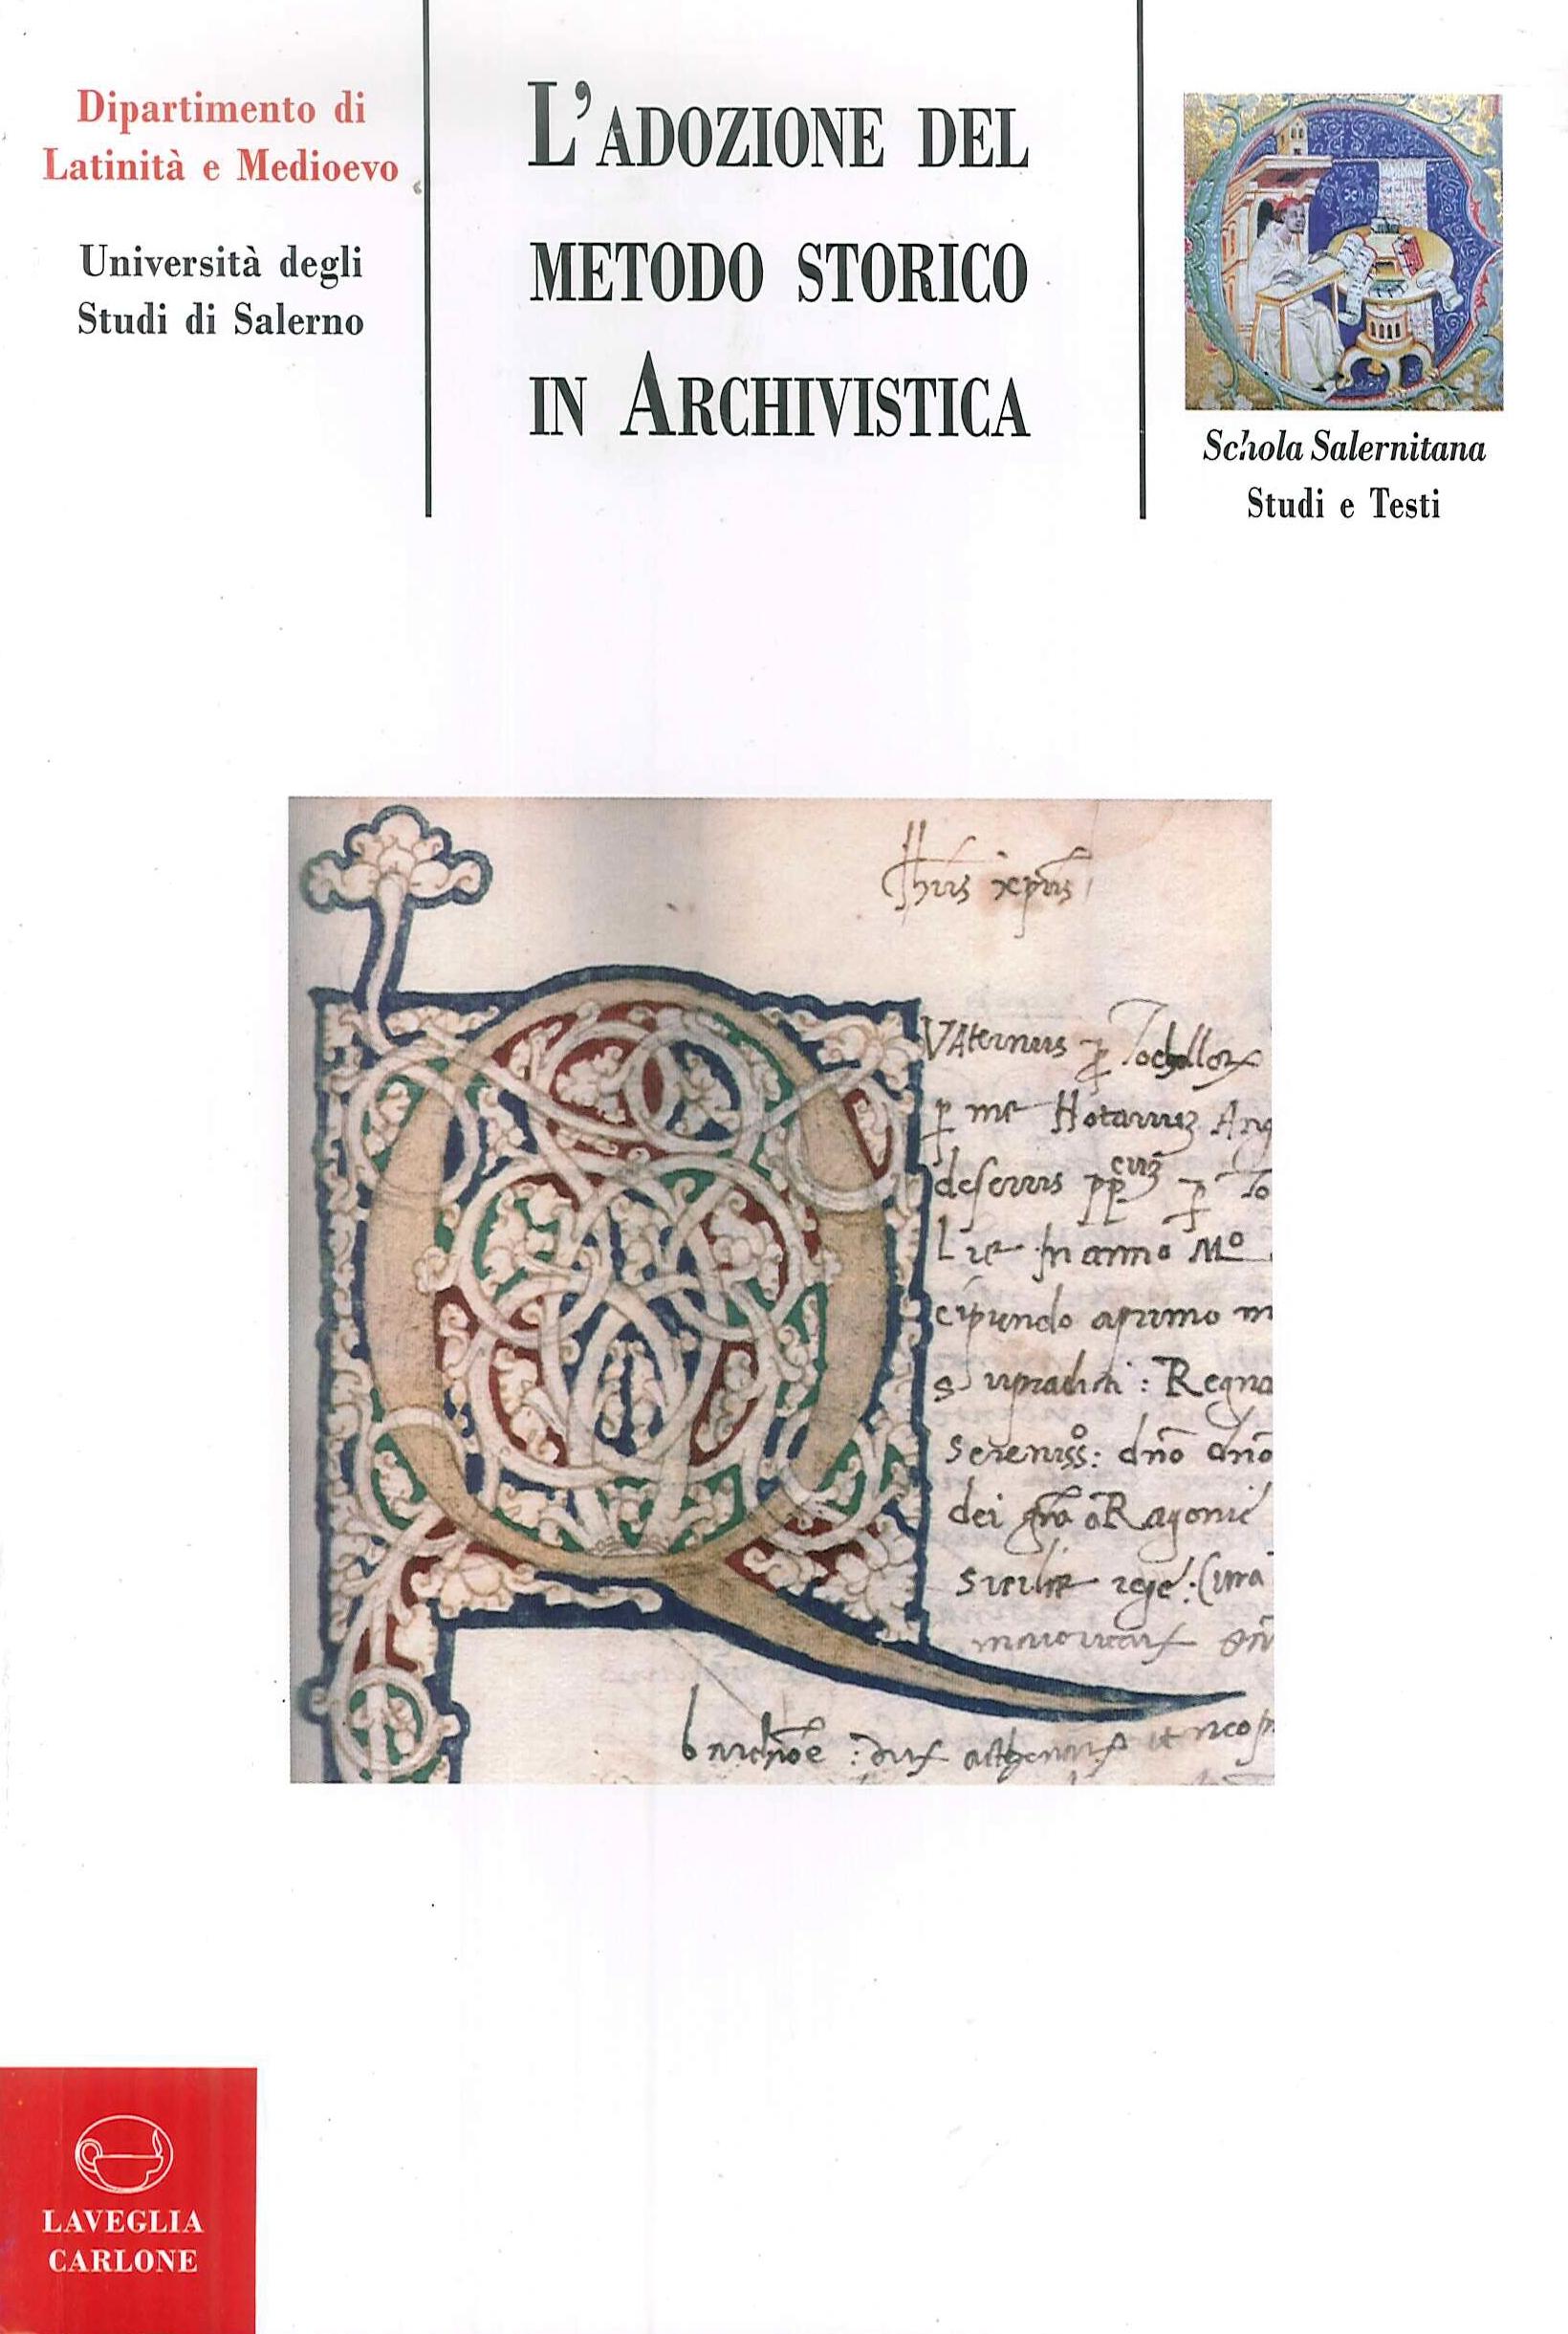 L'adozione del metodo storico in archivistica: origine, sviluppo, prospettive